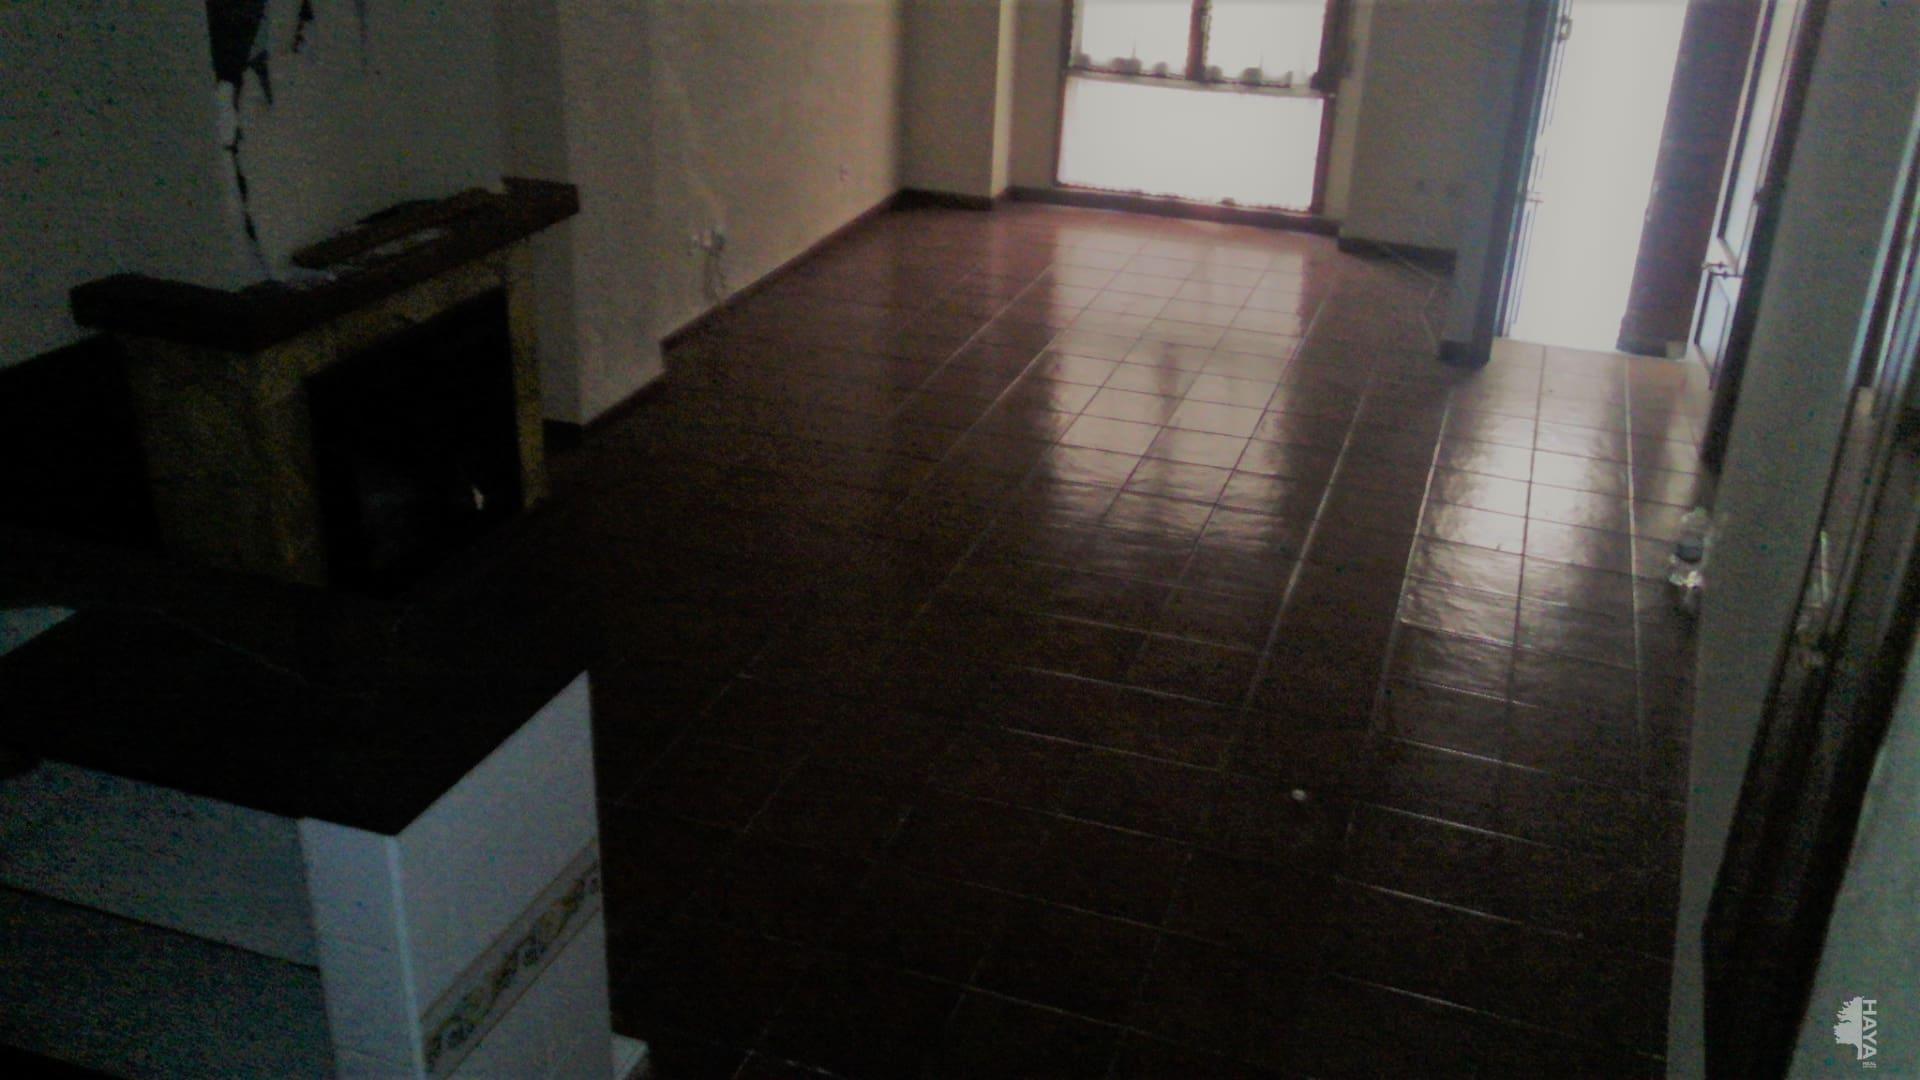 Piso en venta en Isso, Hellín, Albacete, Calle Benito Toboso, 70.000 €, 3 habitaciones, 1 baño, 104 m2